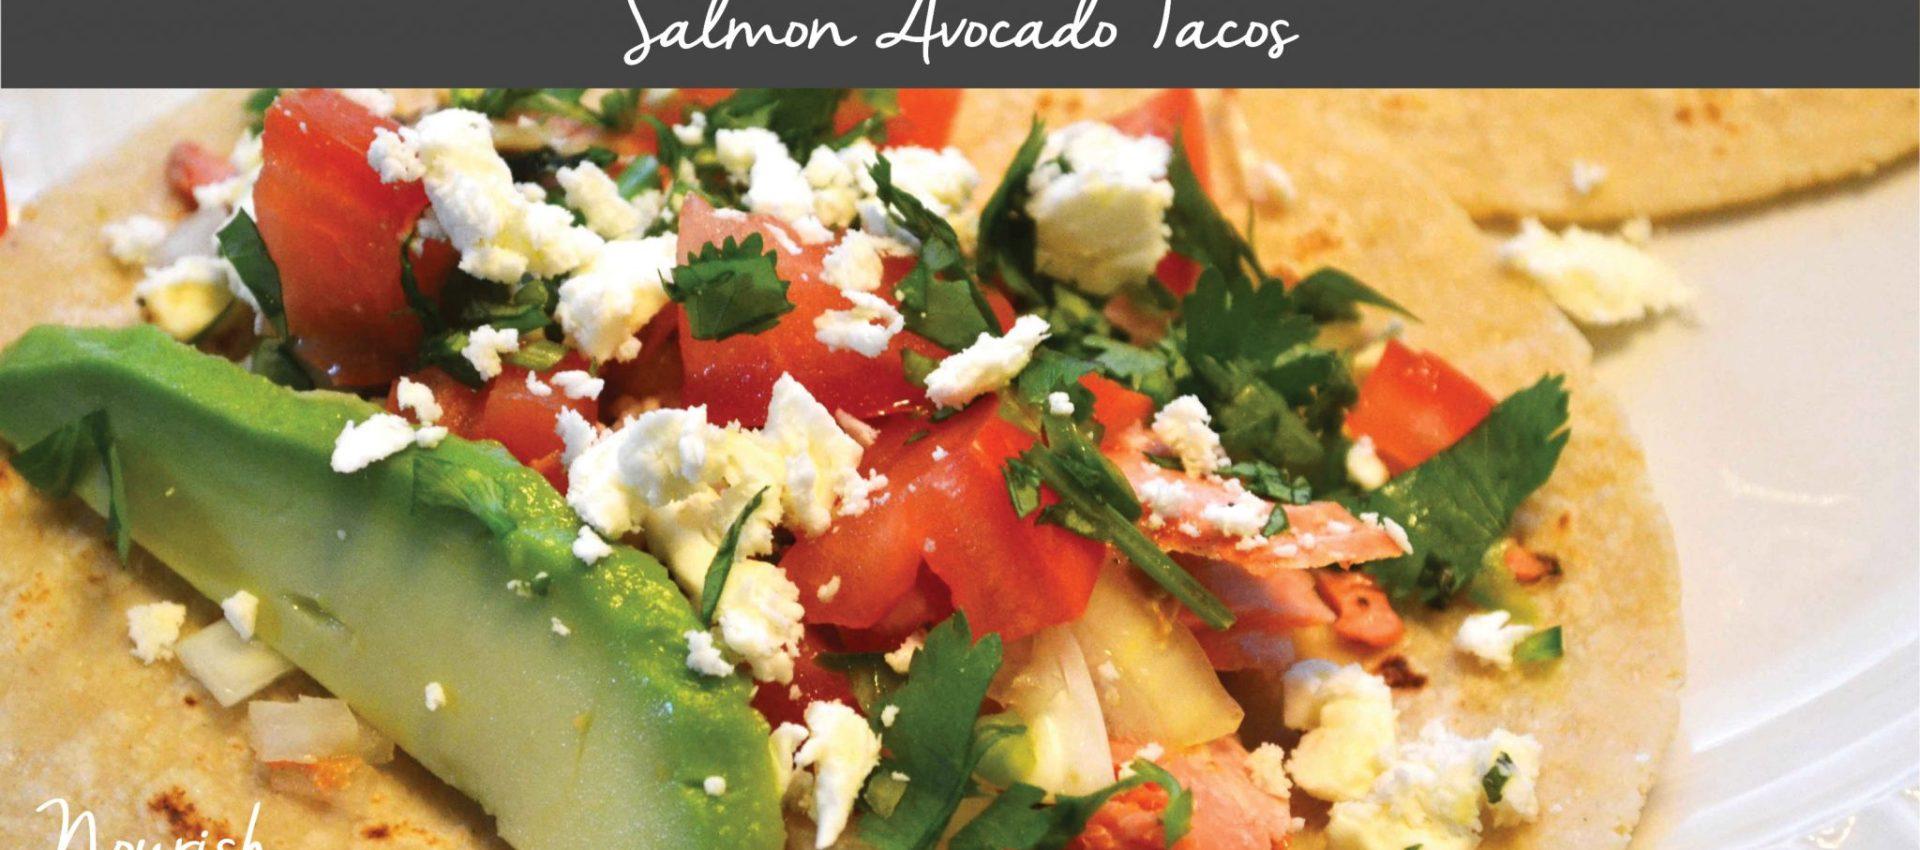 Salmon Avocado Tacos